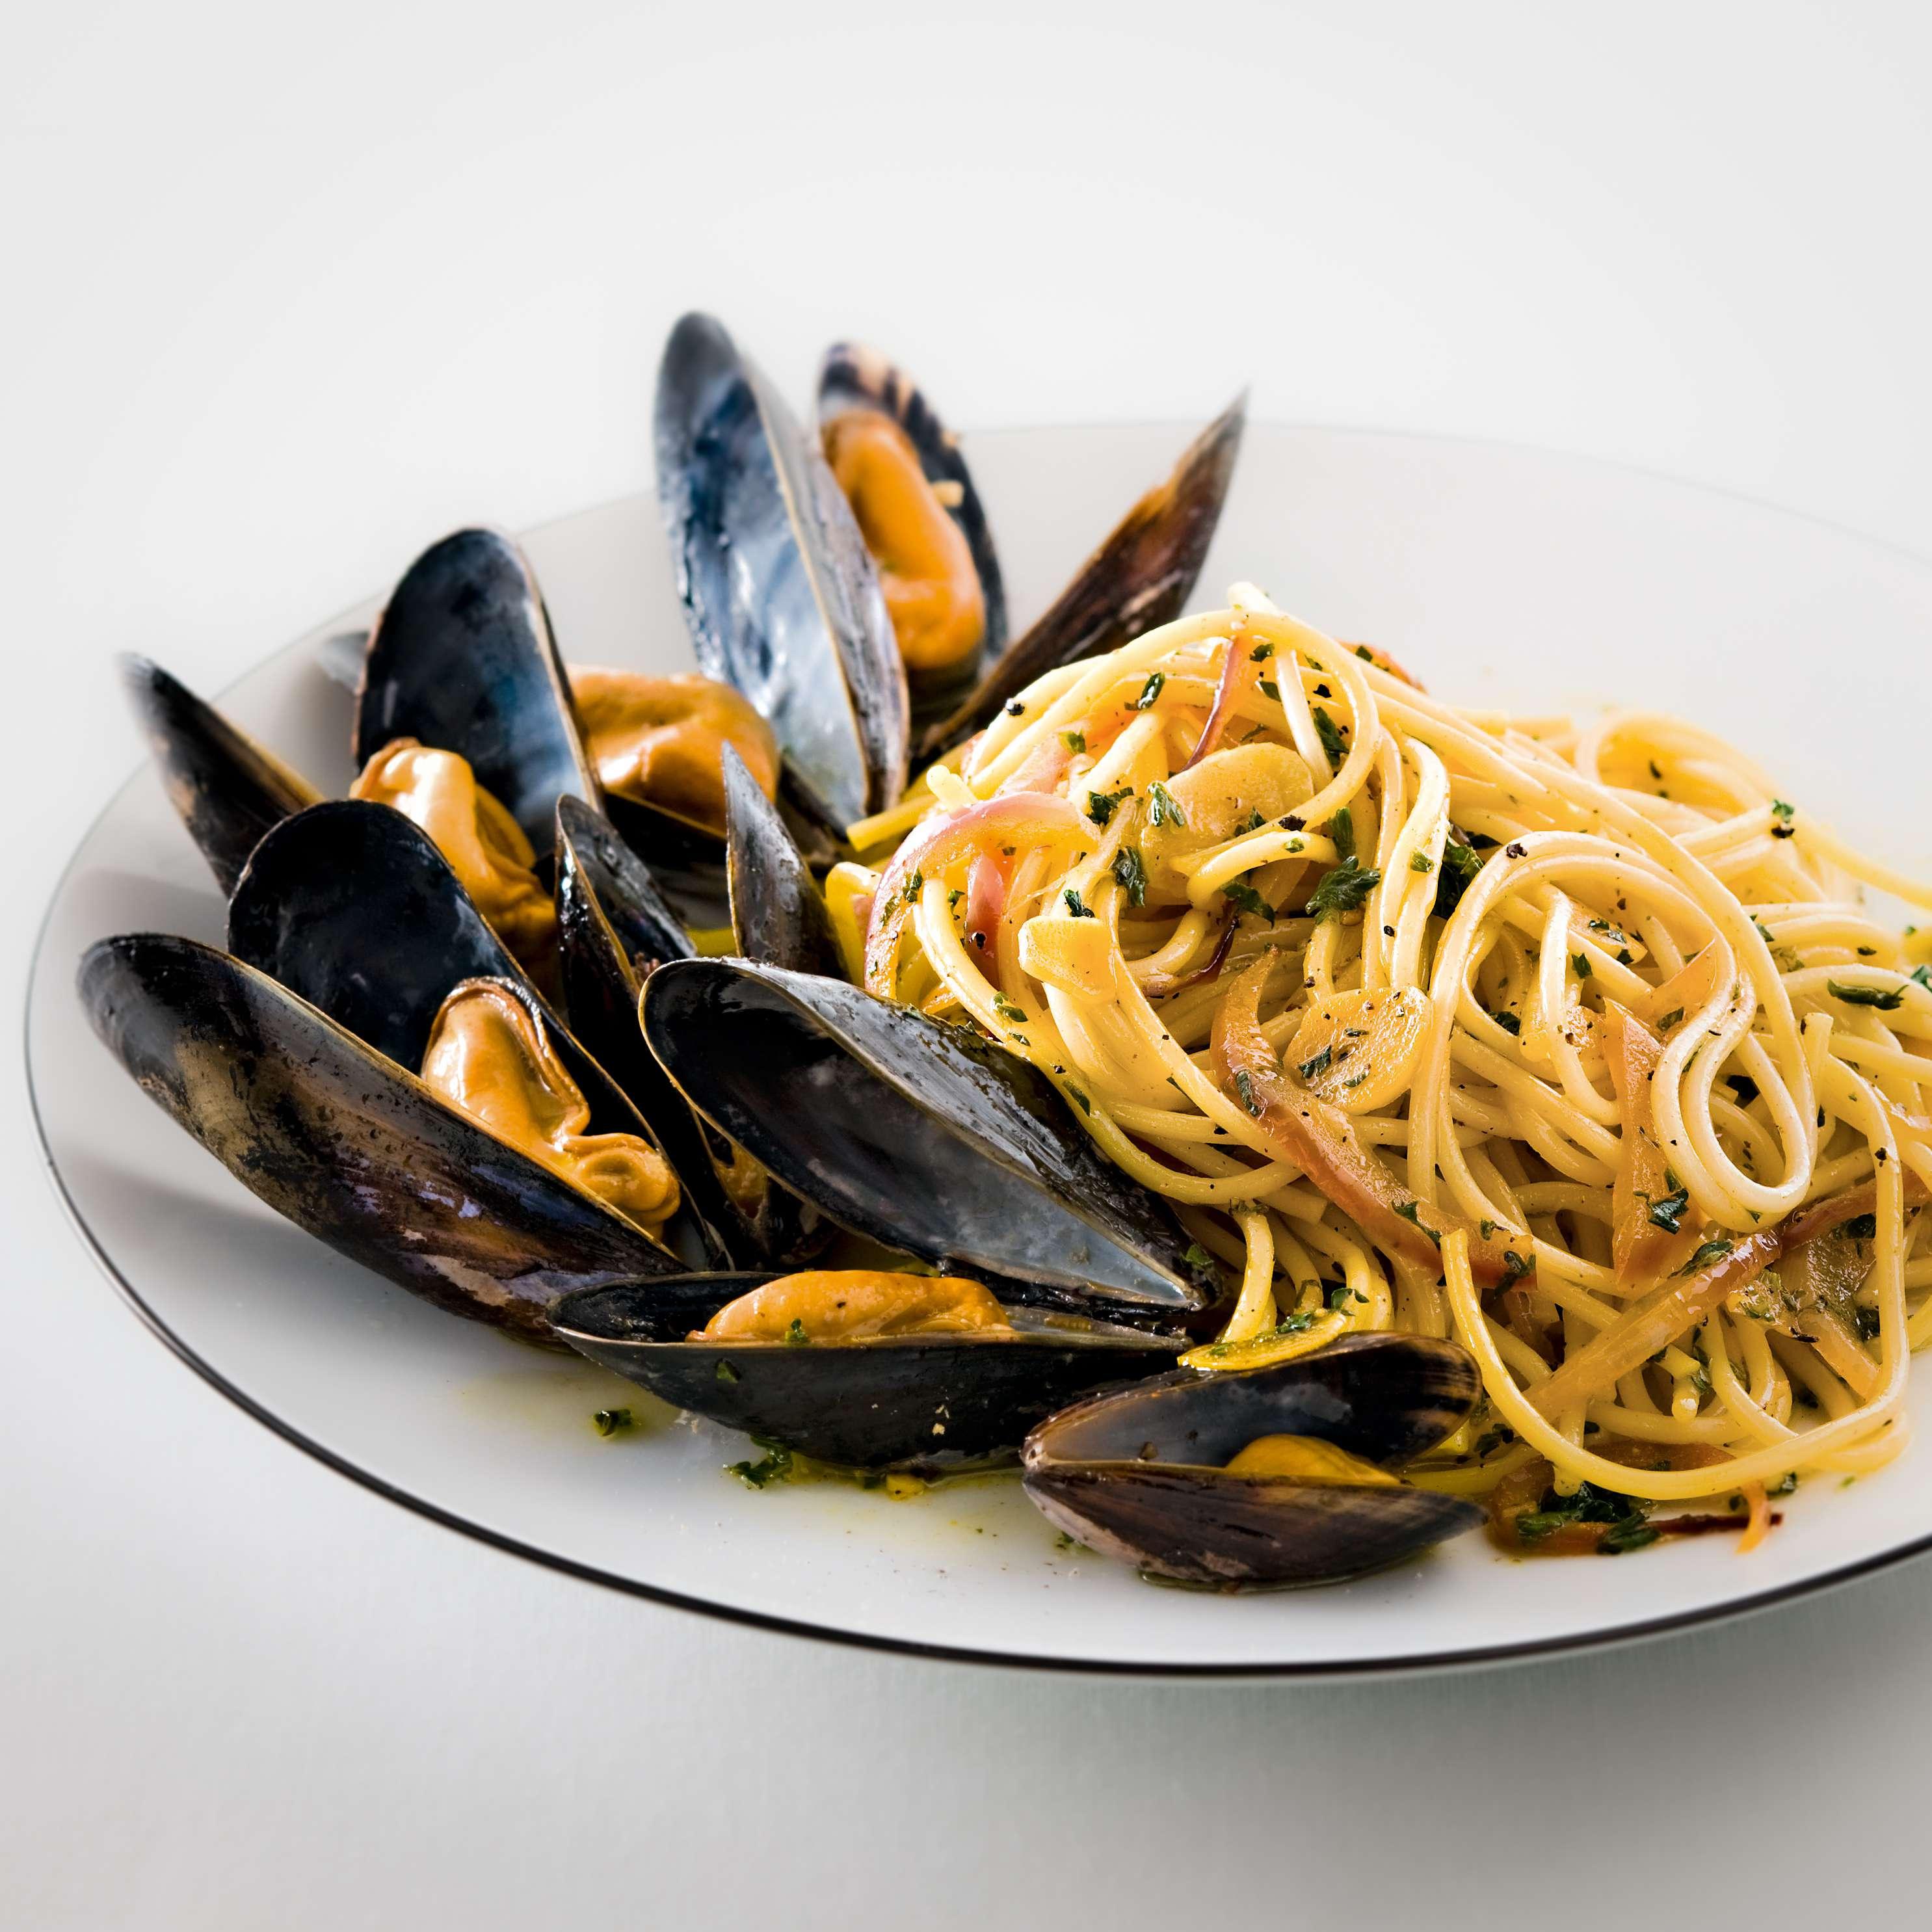 Muscheln mit Spaghetti Safran-aglio e olio